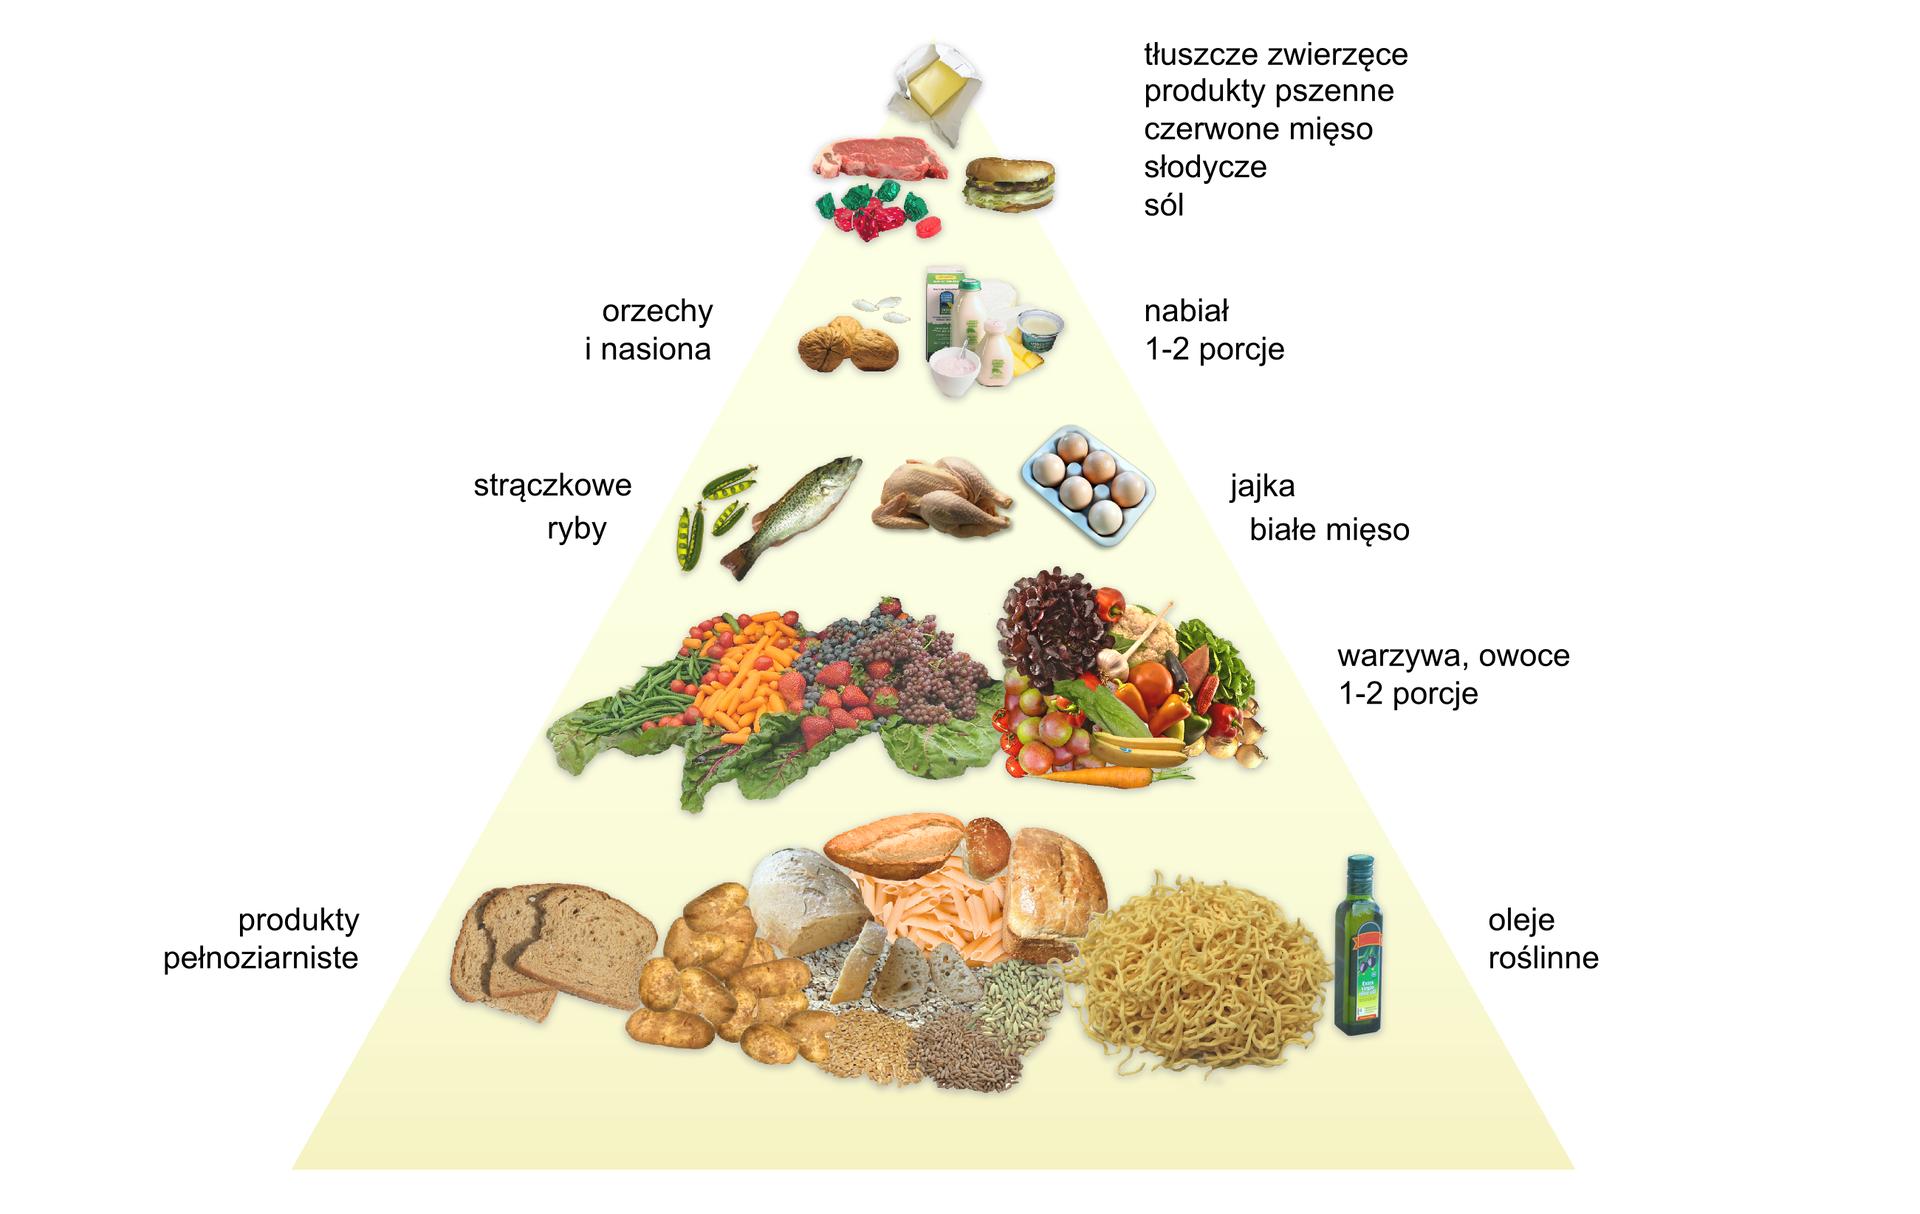 IIlustracja przedstawia piramidę zdrowego żywienia. Wjej najszerszym miejscu umieszczono sylwetki kobiet uprawiających sport. Aktywność fizyczna ikontrola wagi jest sposobem utrzymania masy ciała na pożądanym poziomie. Wyższe piętro piramidy zajmuje pieczywo, kasze, makarony oleje roślinne. Powyżej mamy owoce iwarzywa. Kolejne piętro wypełnia nabiał, mięso iryby. Powyżej znajdują się nabiał, orzechy inasiona . ostatnie, najwęższe piętro zajmuje żywność wysoko przetworzona: słodycze, sól.